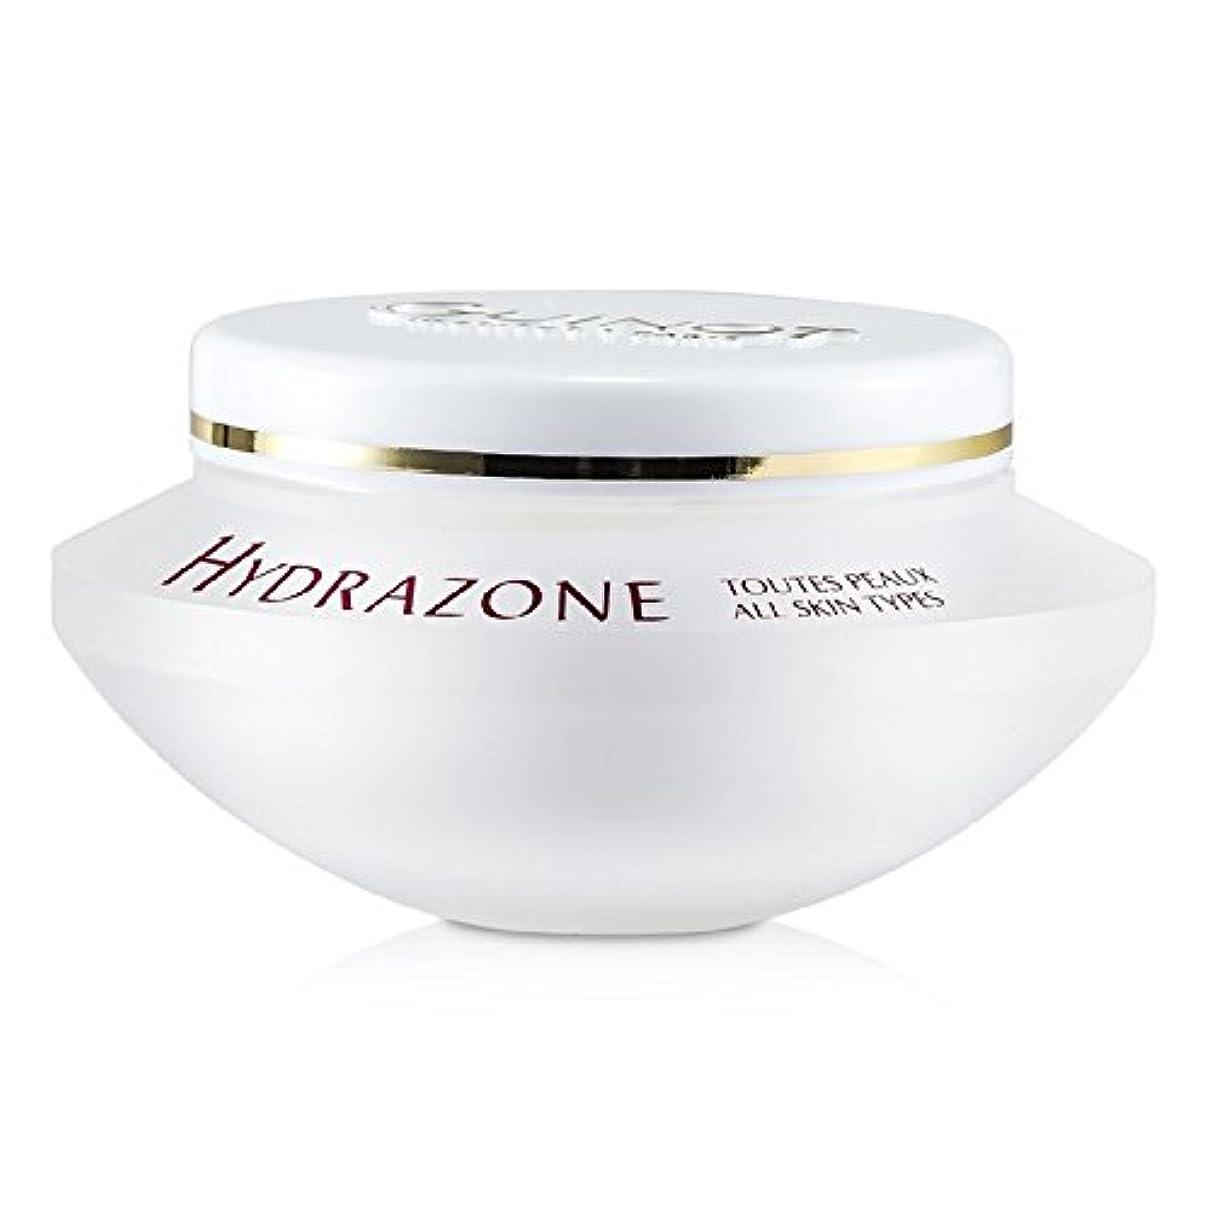 過ち光の特性ギノー イドラゾーン オールスキン 50ml/1.6oz並行輸入品